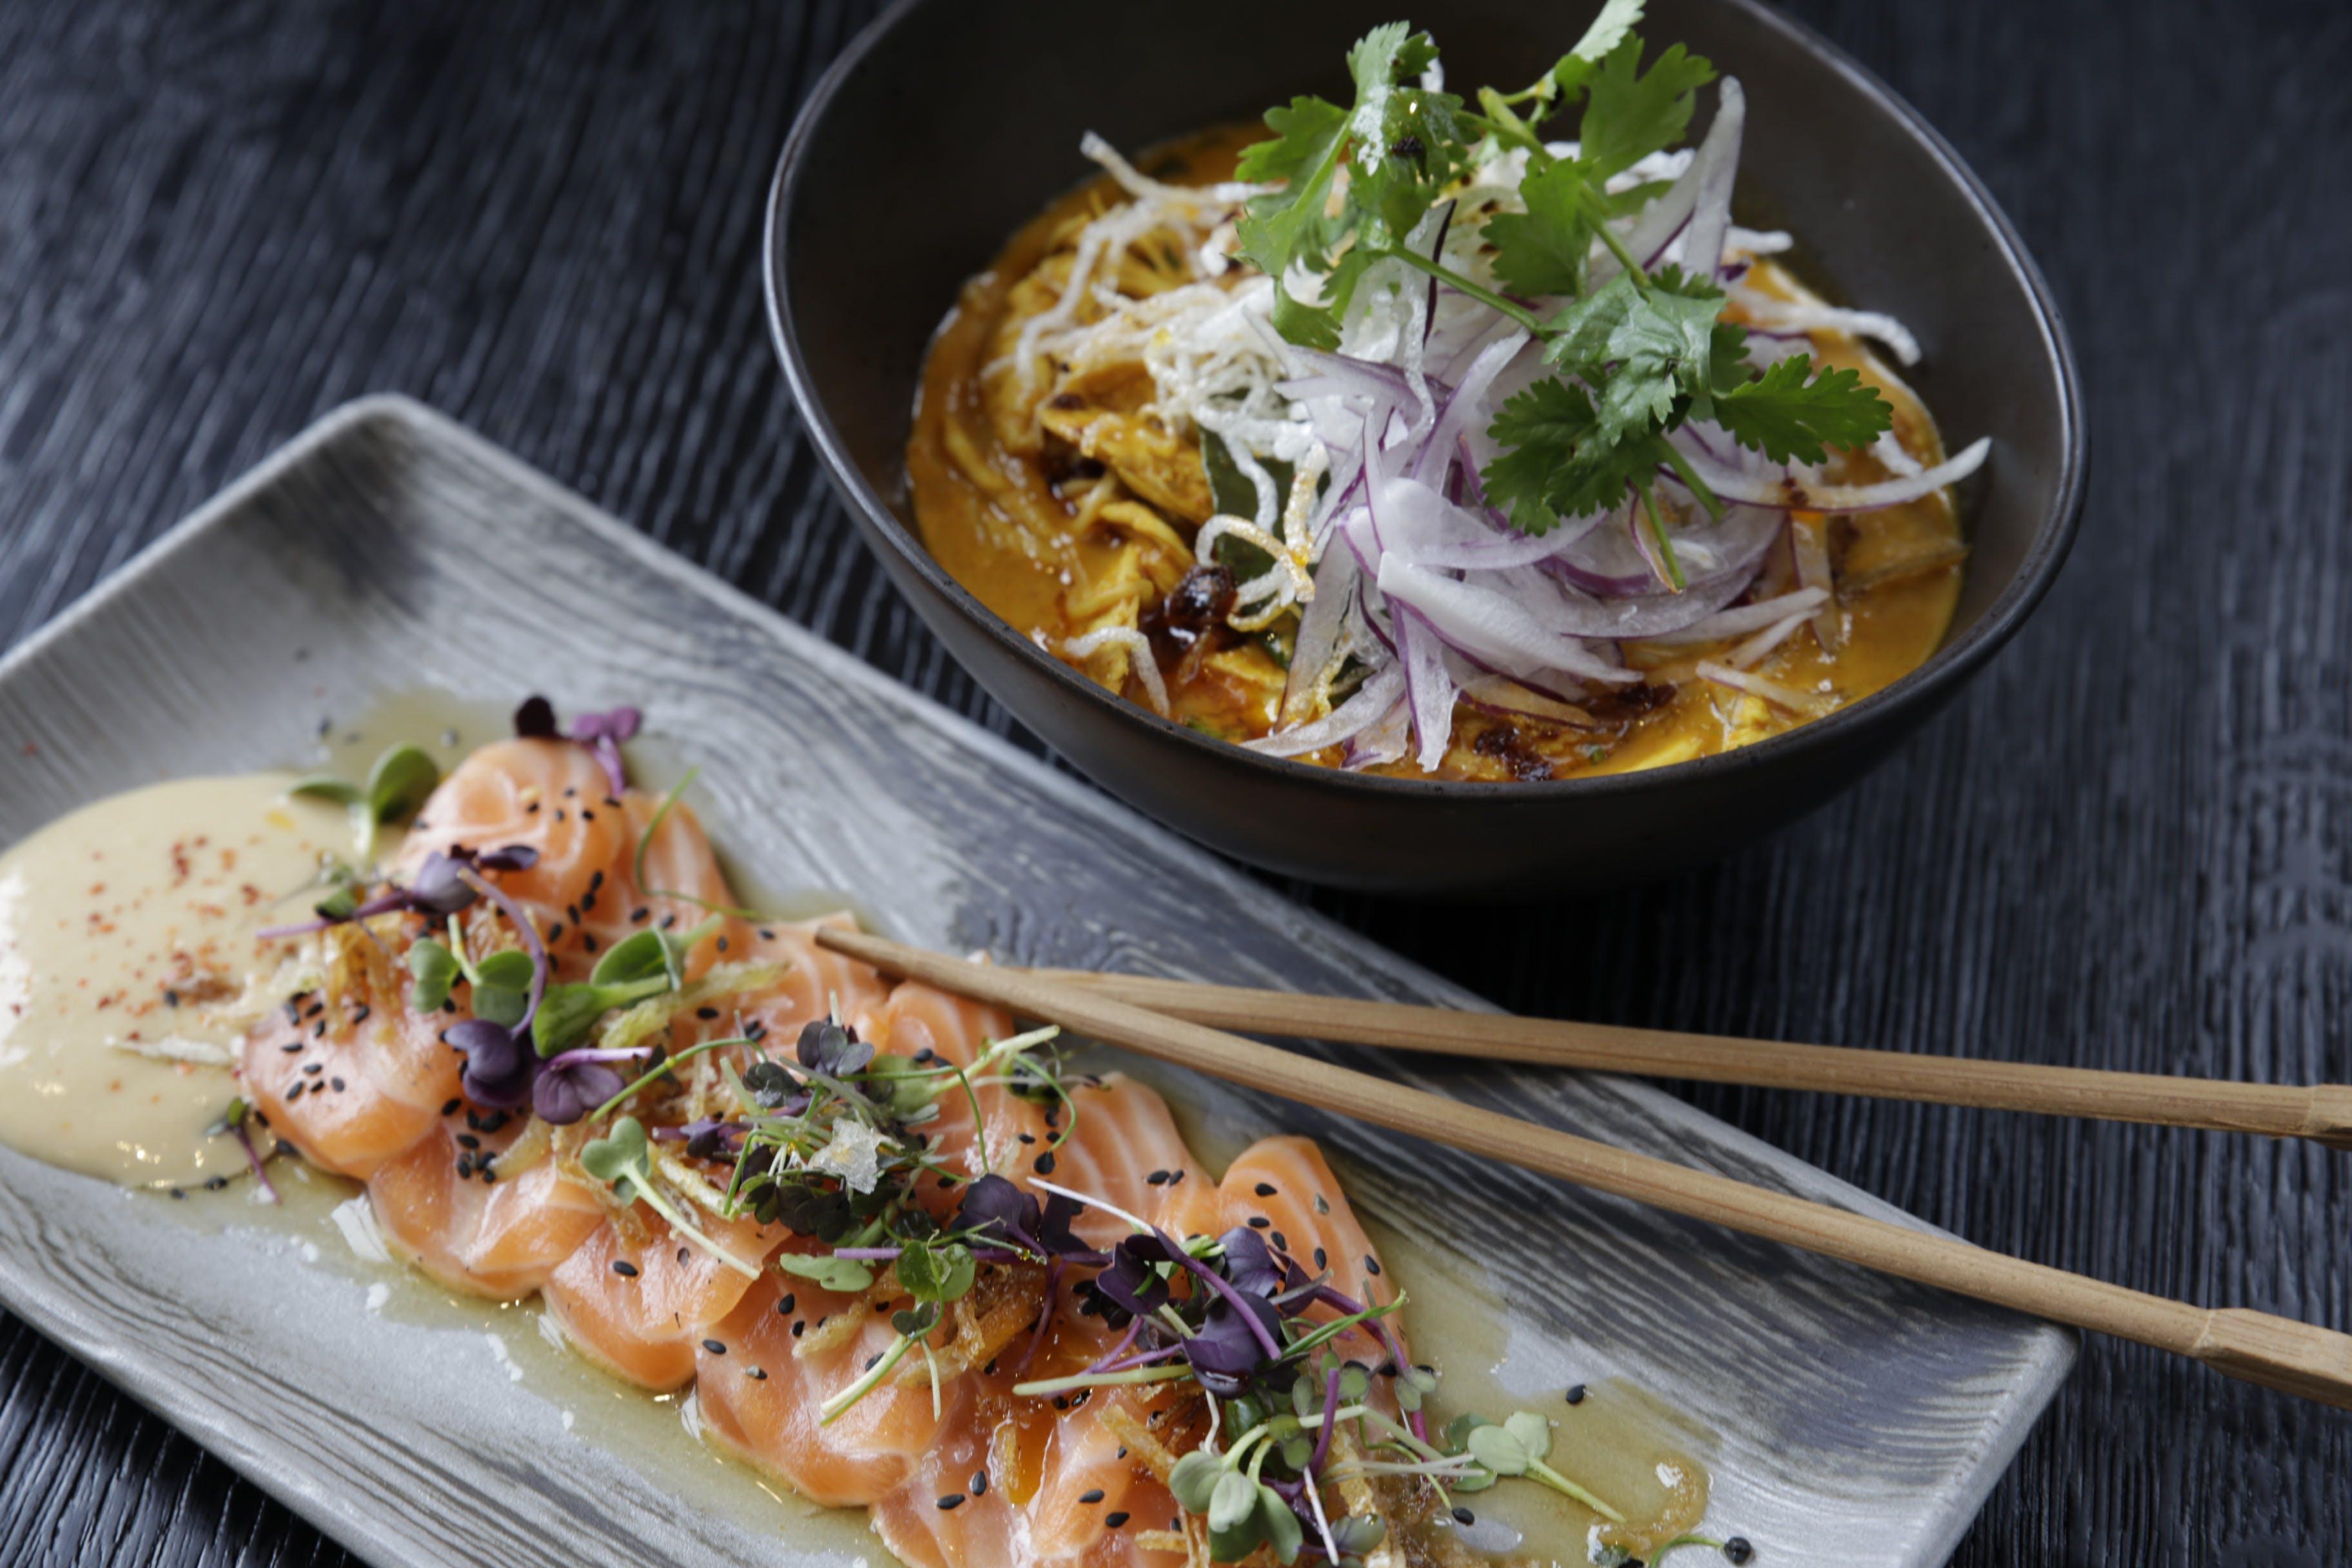 asijská kuchyně, bylinka, chutný